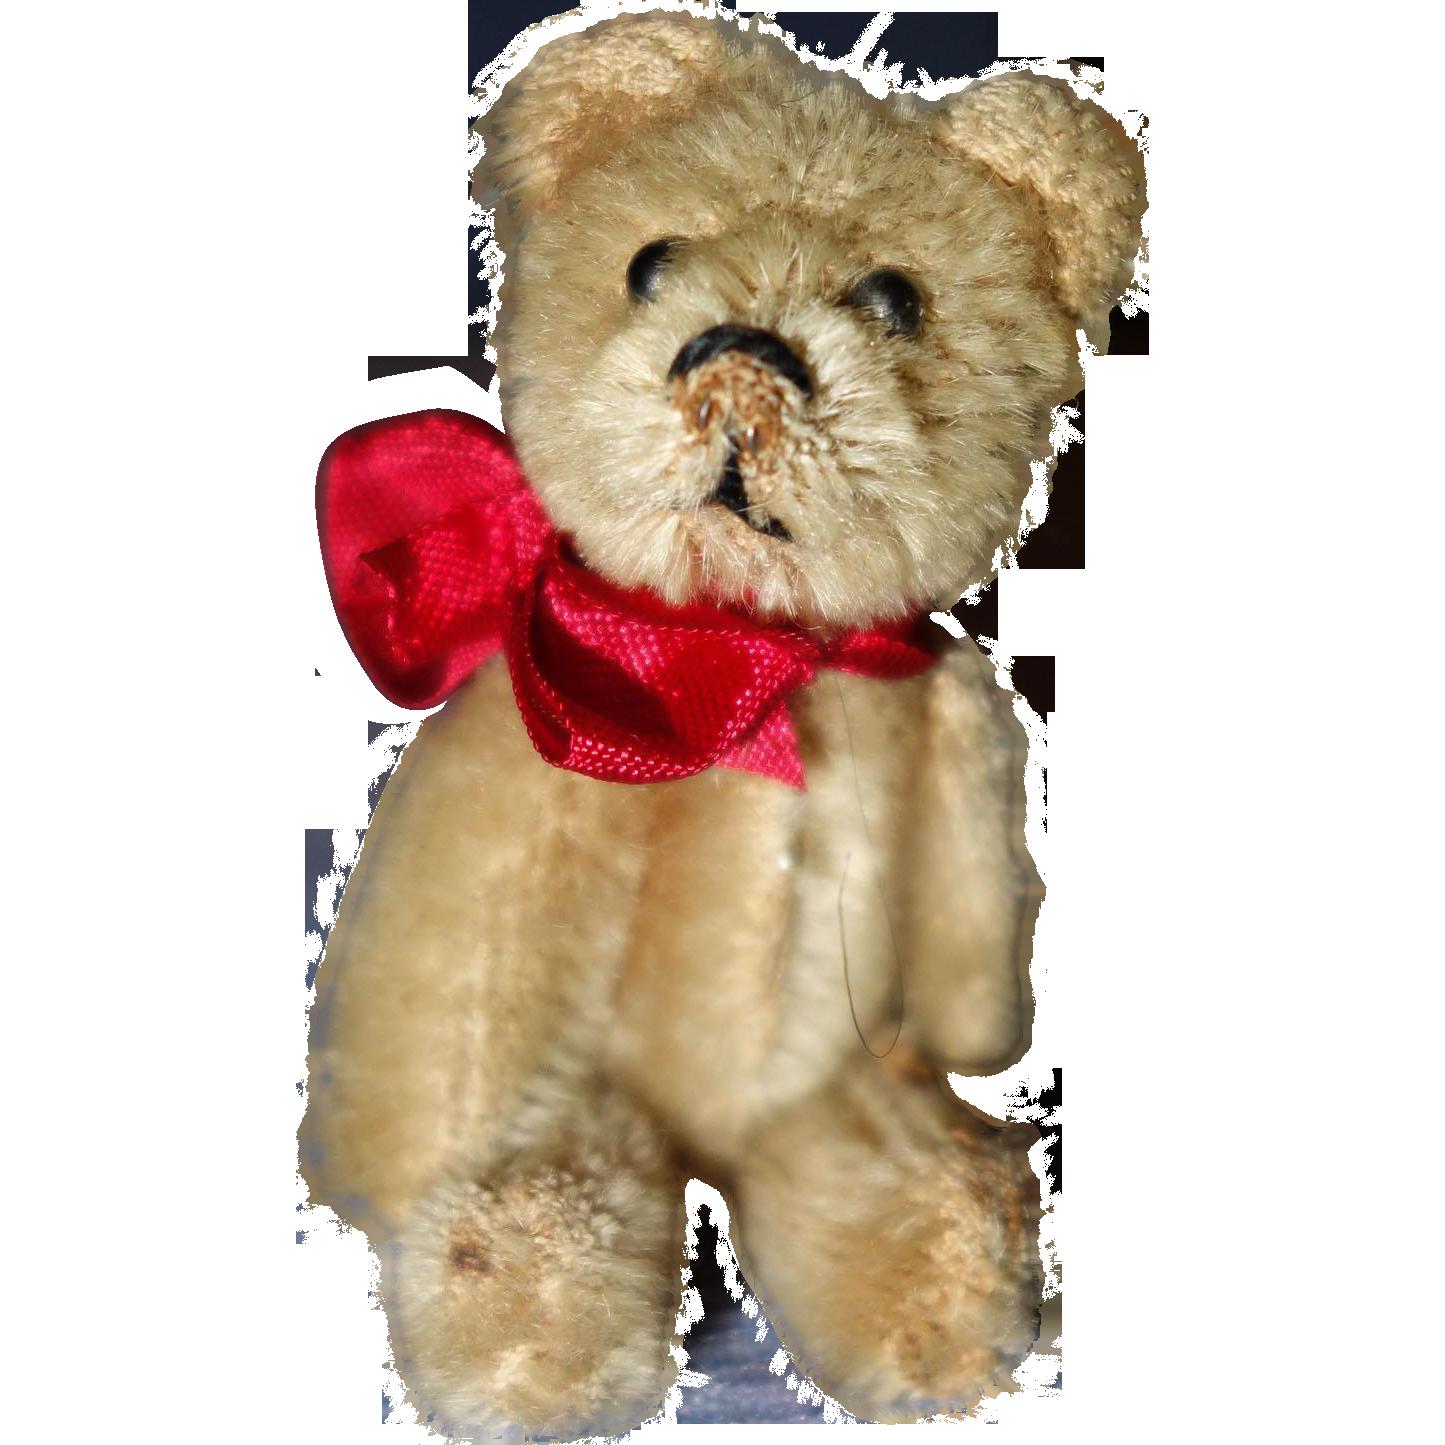 Schuco Teddy Bear Mohair 3 1/2 inches